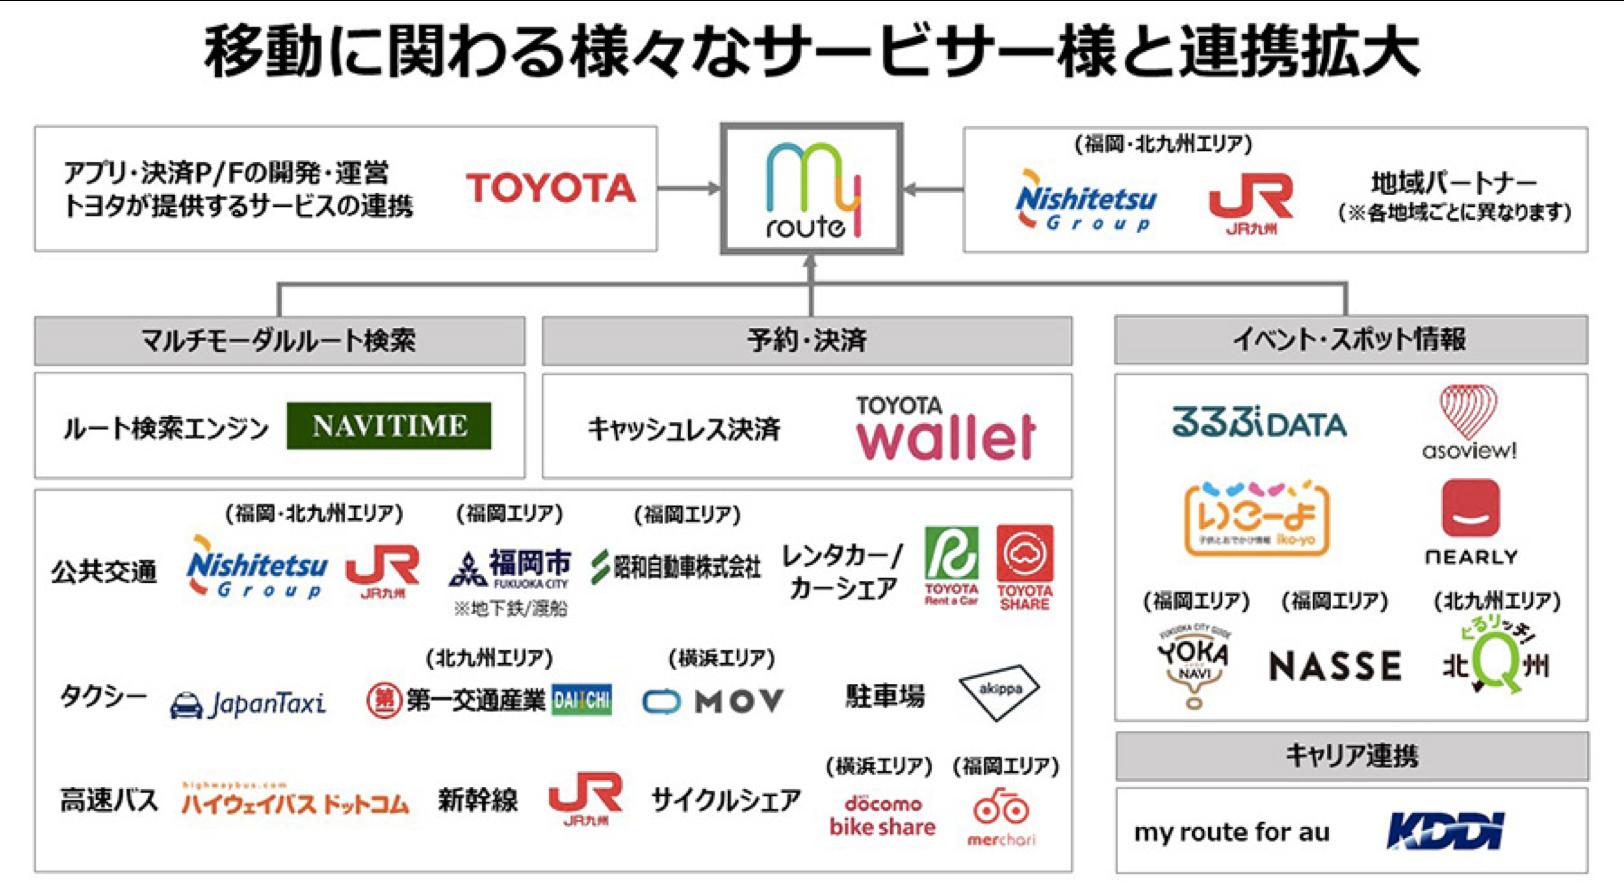 ipocaがコンテンツ連携している、トヨタ「my route」が提供エリアを全国へ拡大